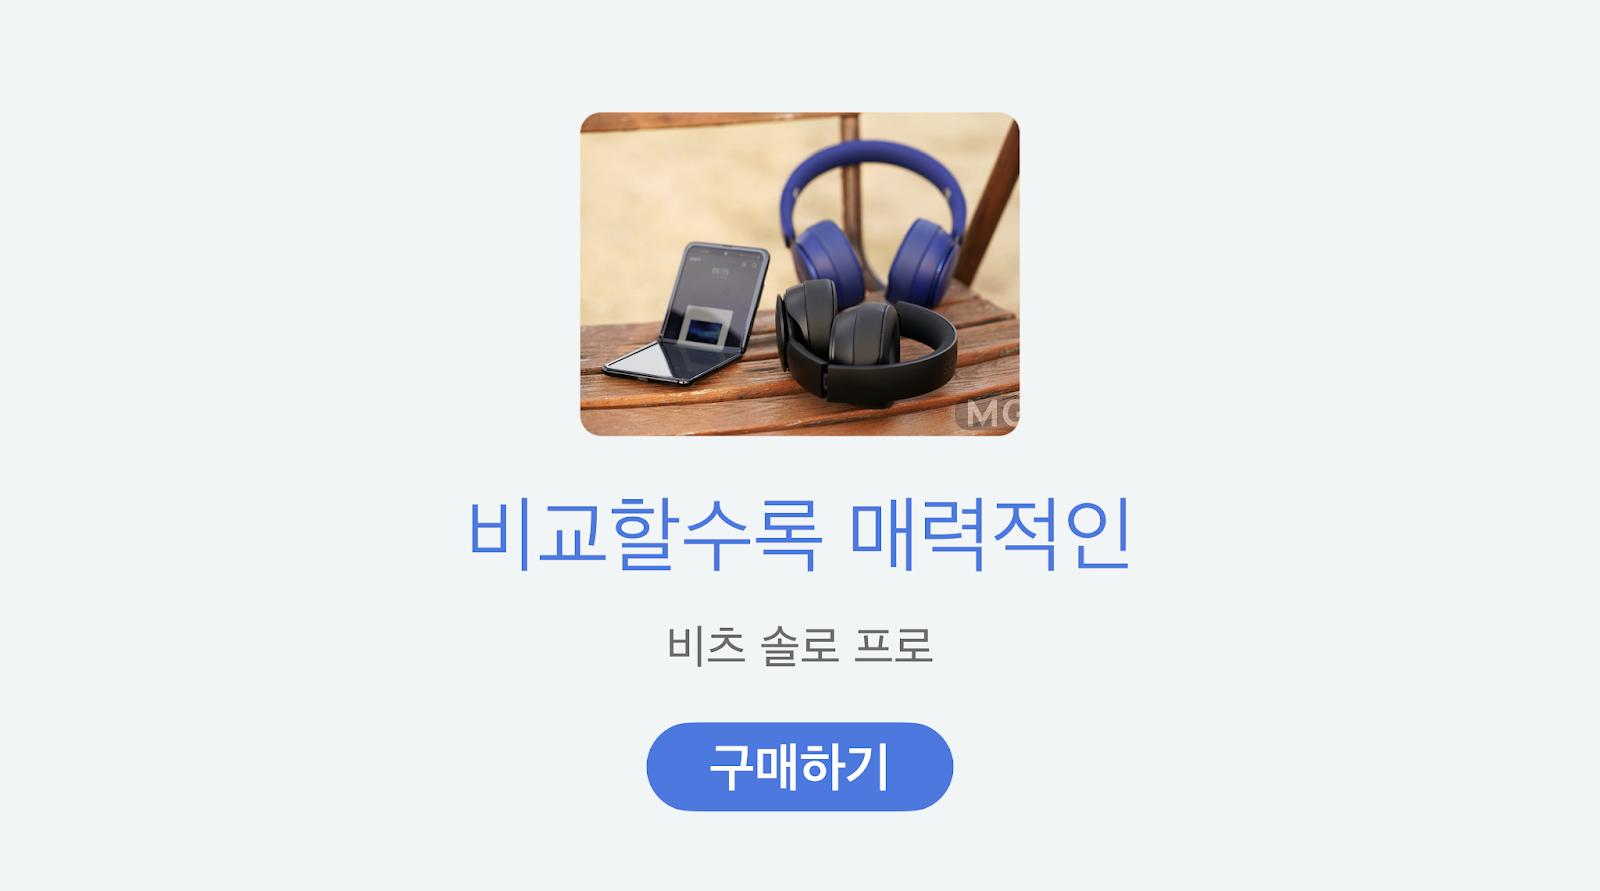 https://www.beatsbydre.com/kr/headphones/solo-pro